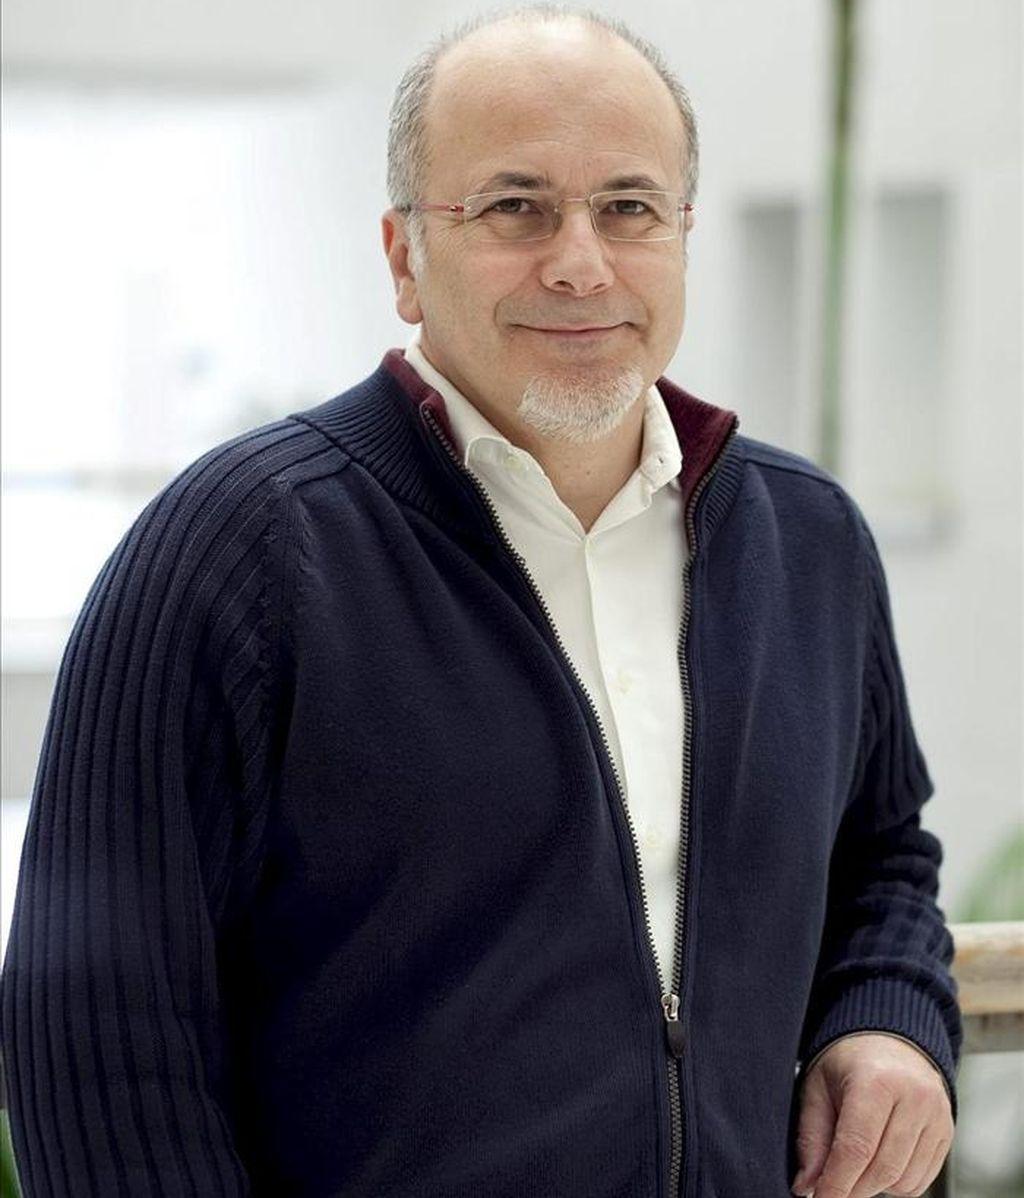 El egiptólogo Miguel Ángel Molinero, durante la entrevista que mantuvo con Efe para avanzar los resultados de la investigación sobre los casi 200 grafitis del templo de Debod catalogados y estudiados por primera vez. EFE